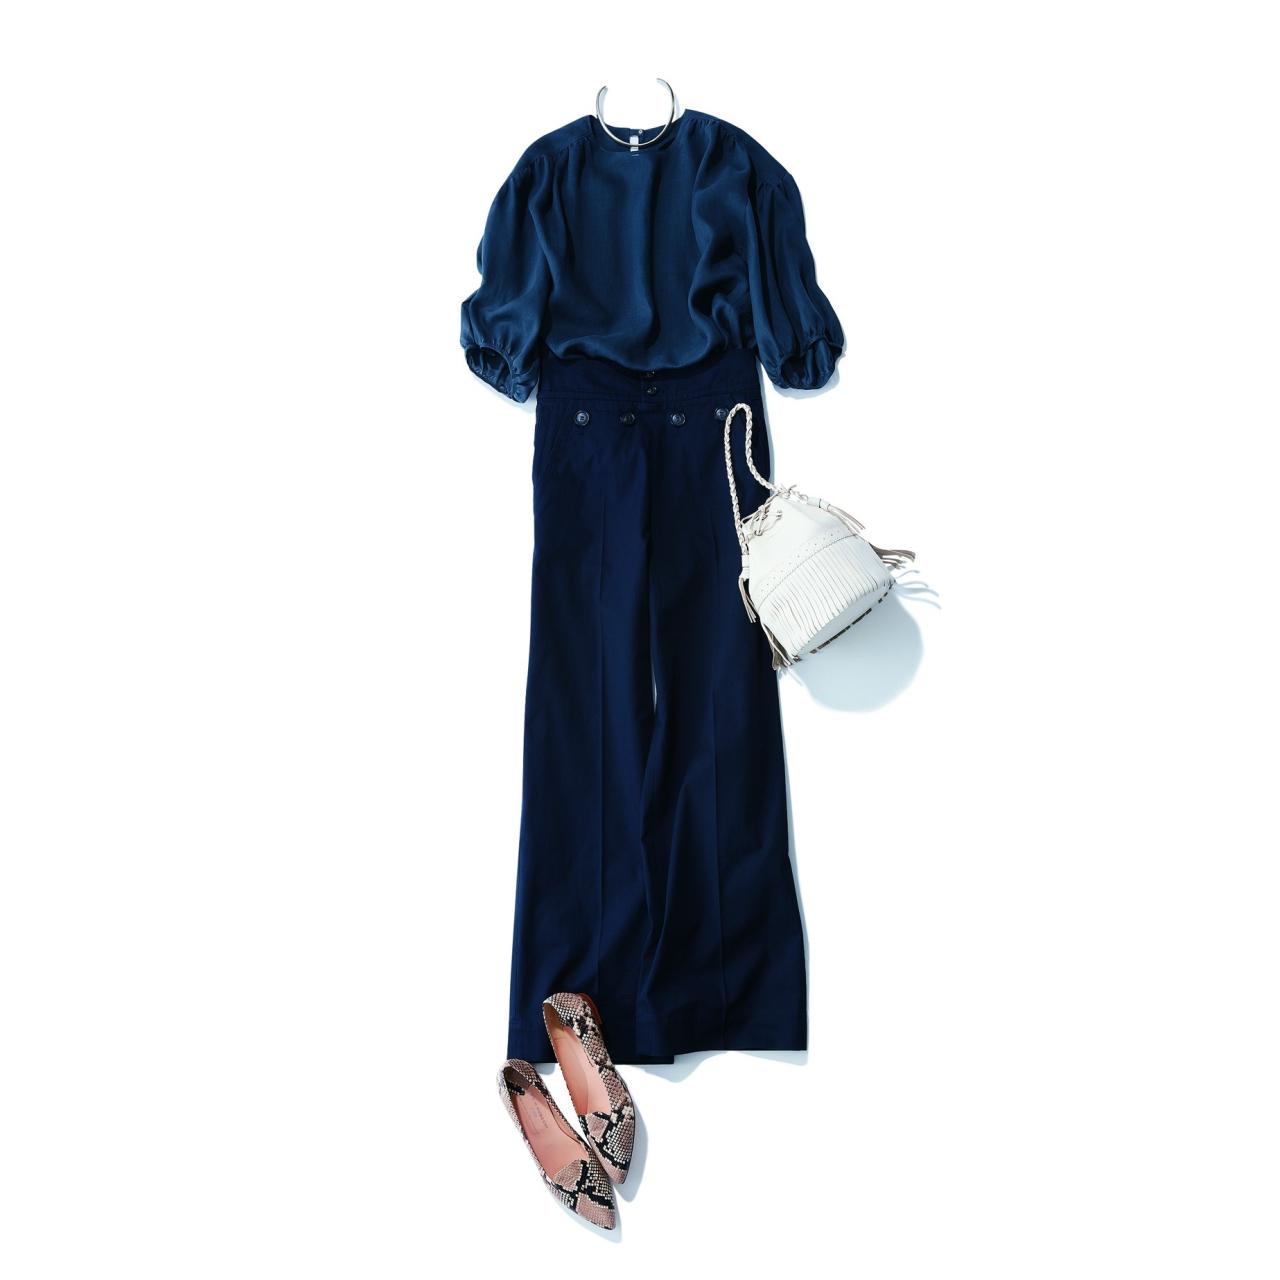 ネイビーパンツ×シアーブラウスのファッションコーデ